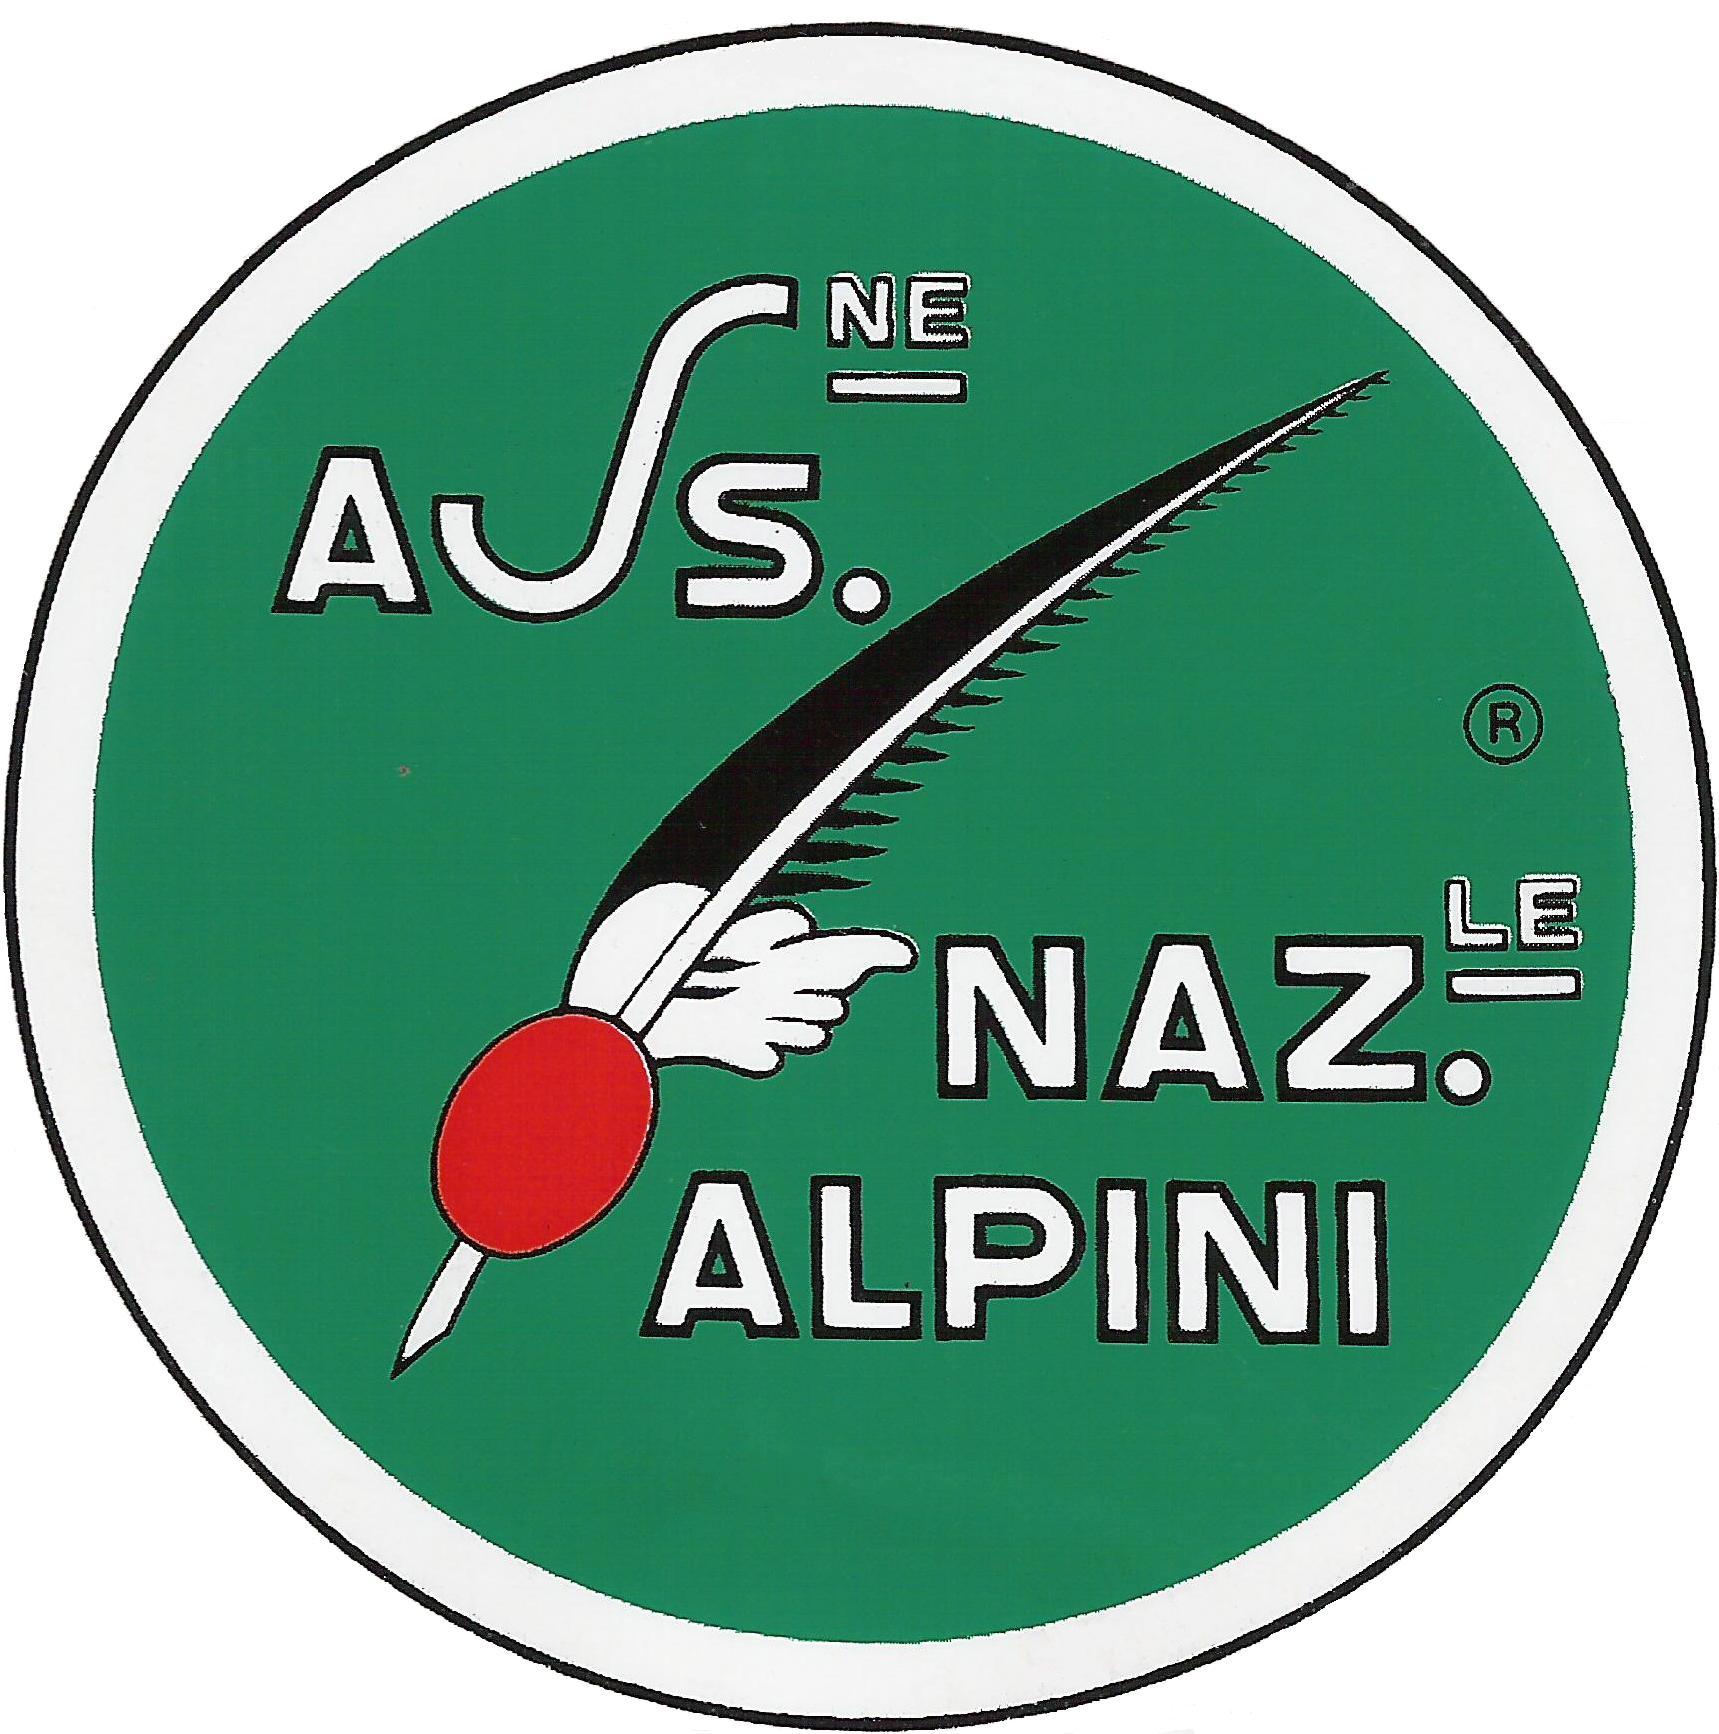 Risultati immagini per sezione conegliano alpini logo